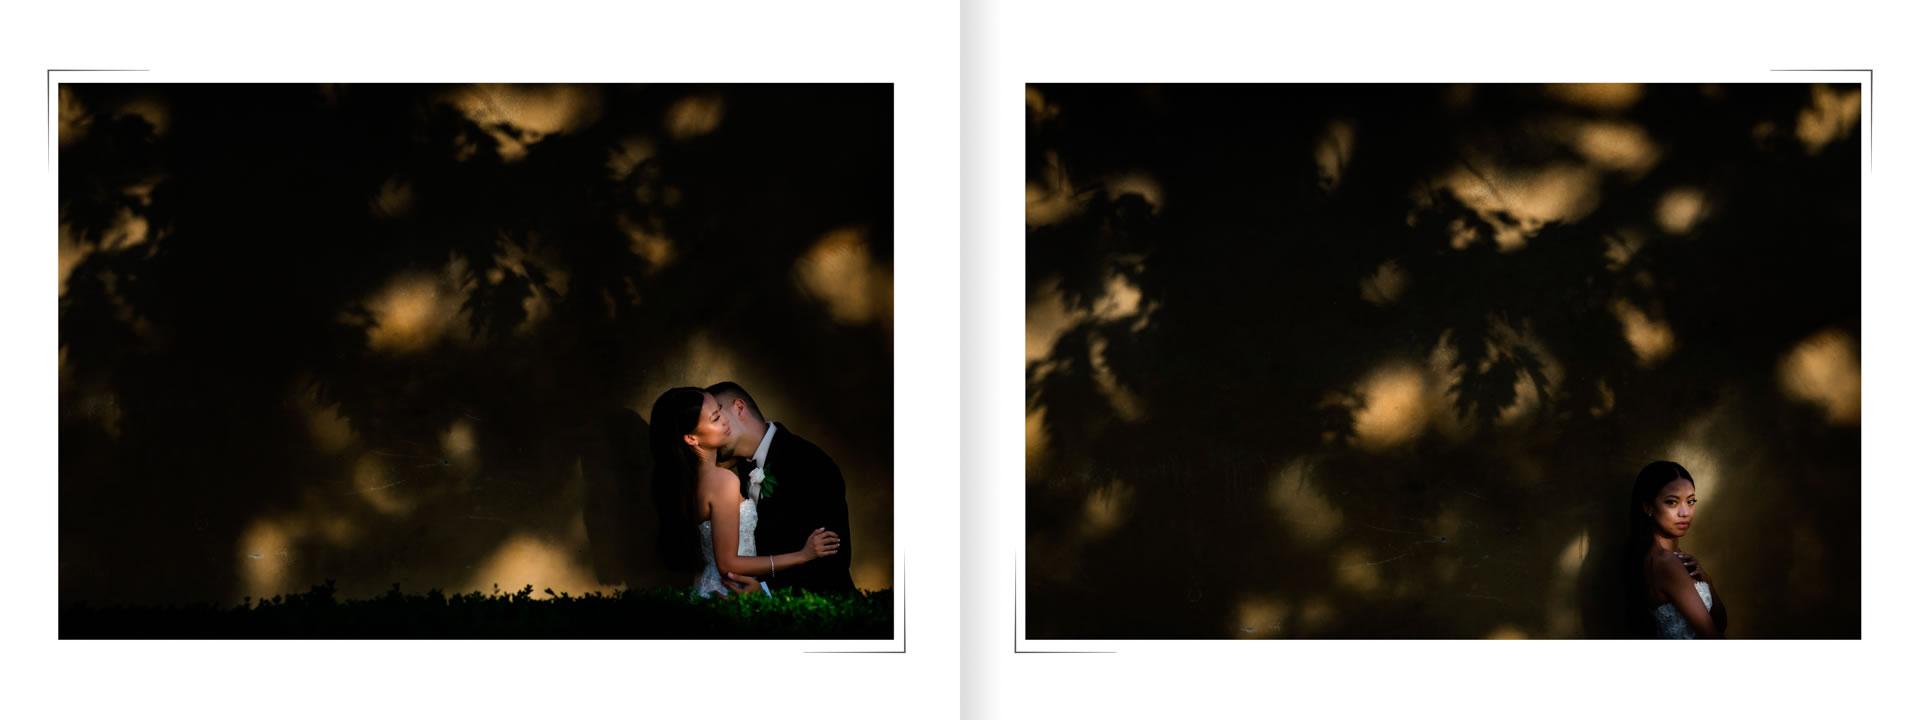 villa-di-maiano-david-bastianoni-photographer-00030 - 30 :: Wedding at Villa di Maiano :: Luxury wedding photography - 29 :: villa-di-maiano-david-bastianoni-photographer-00030 - 30